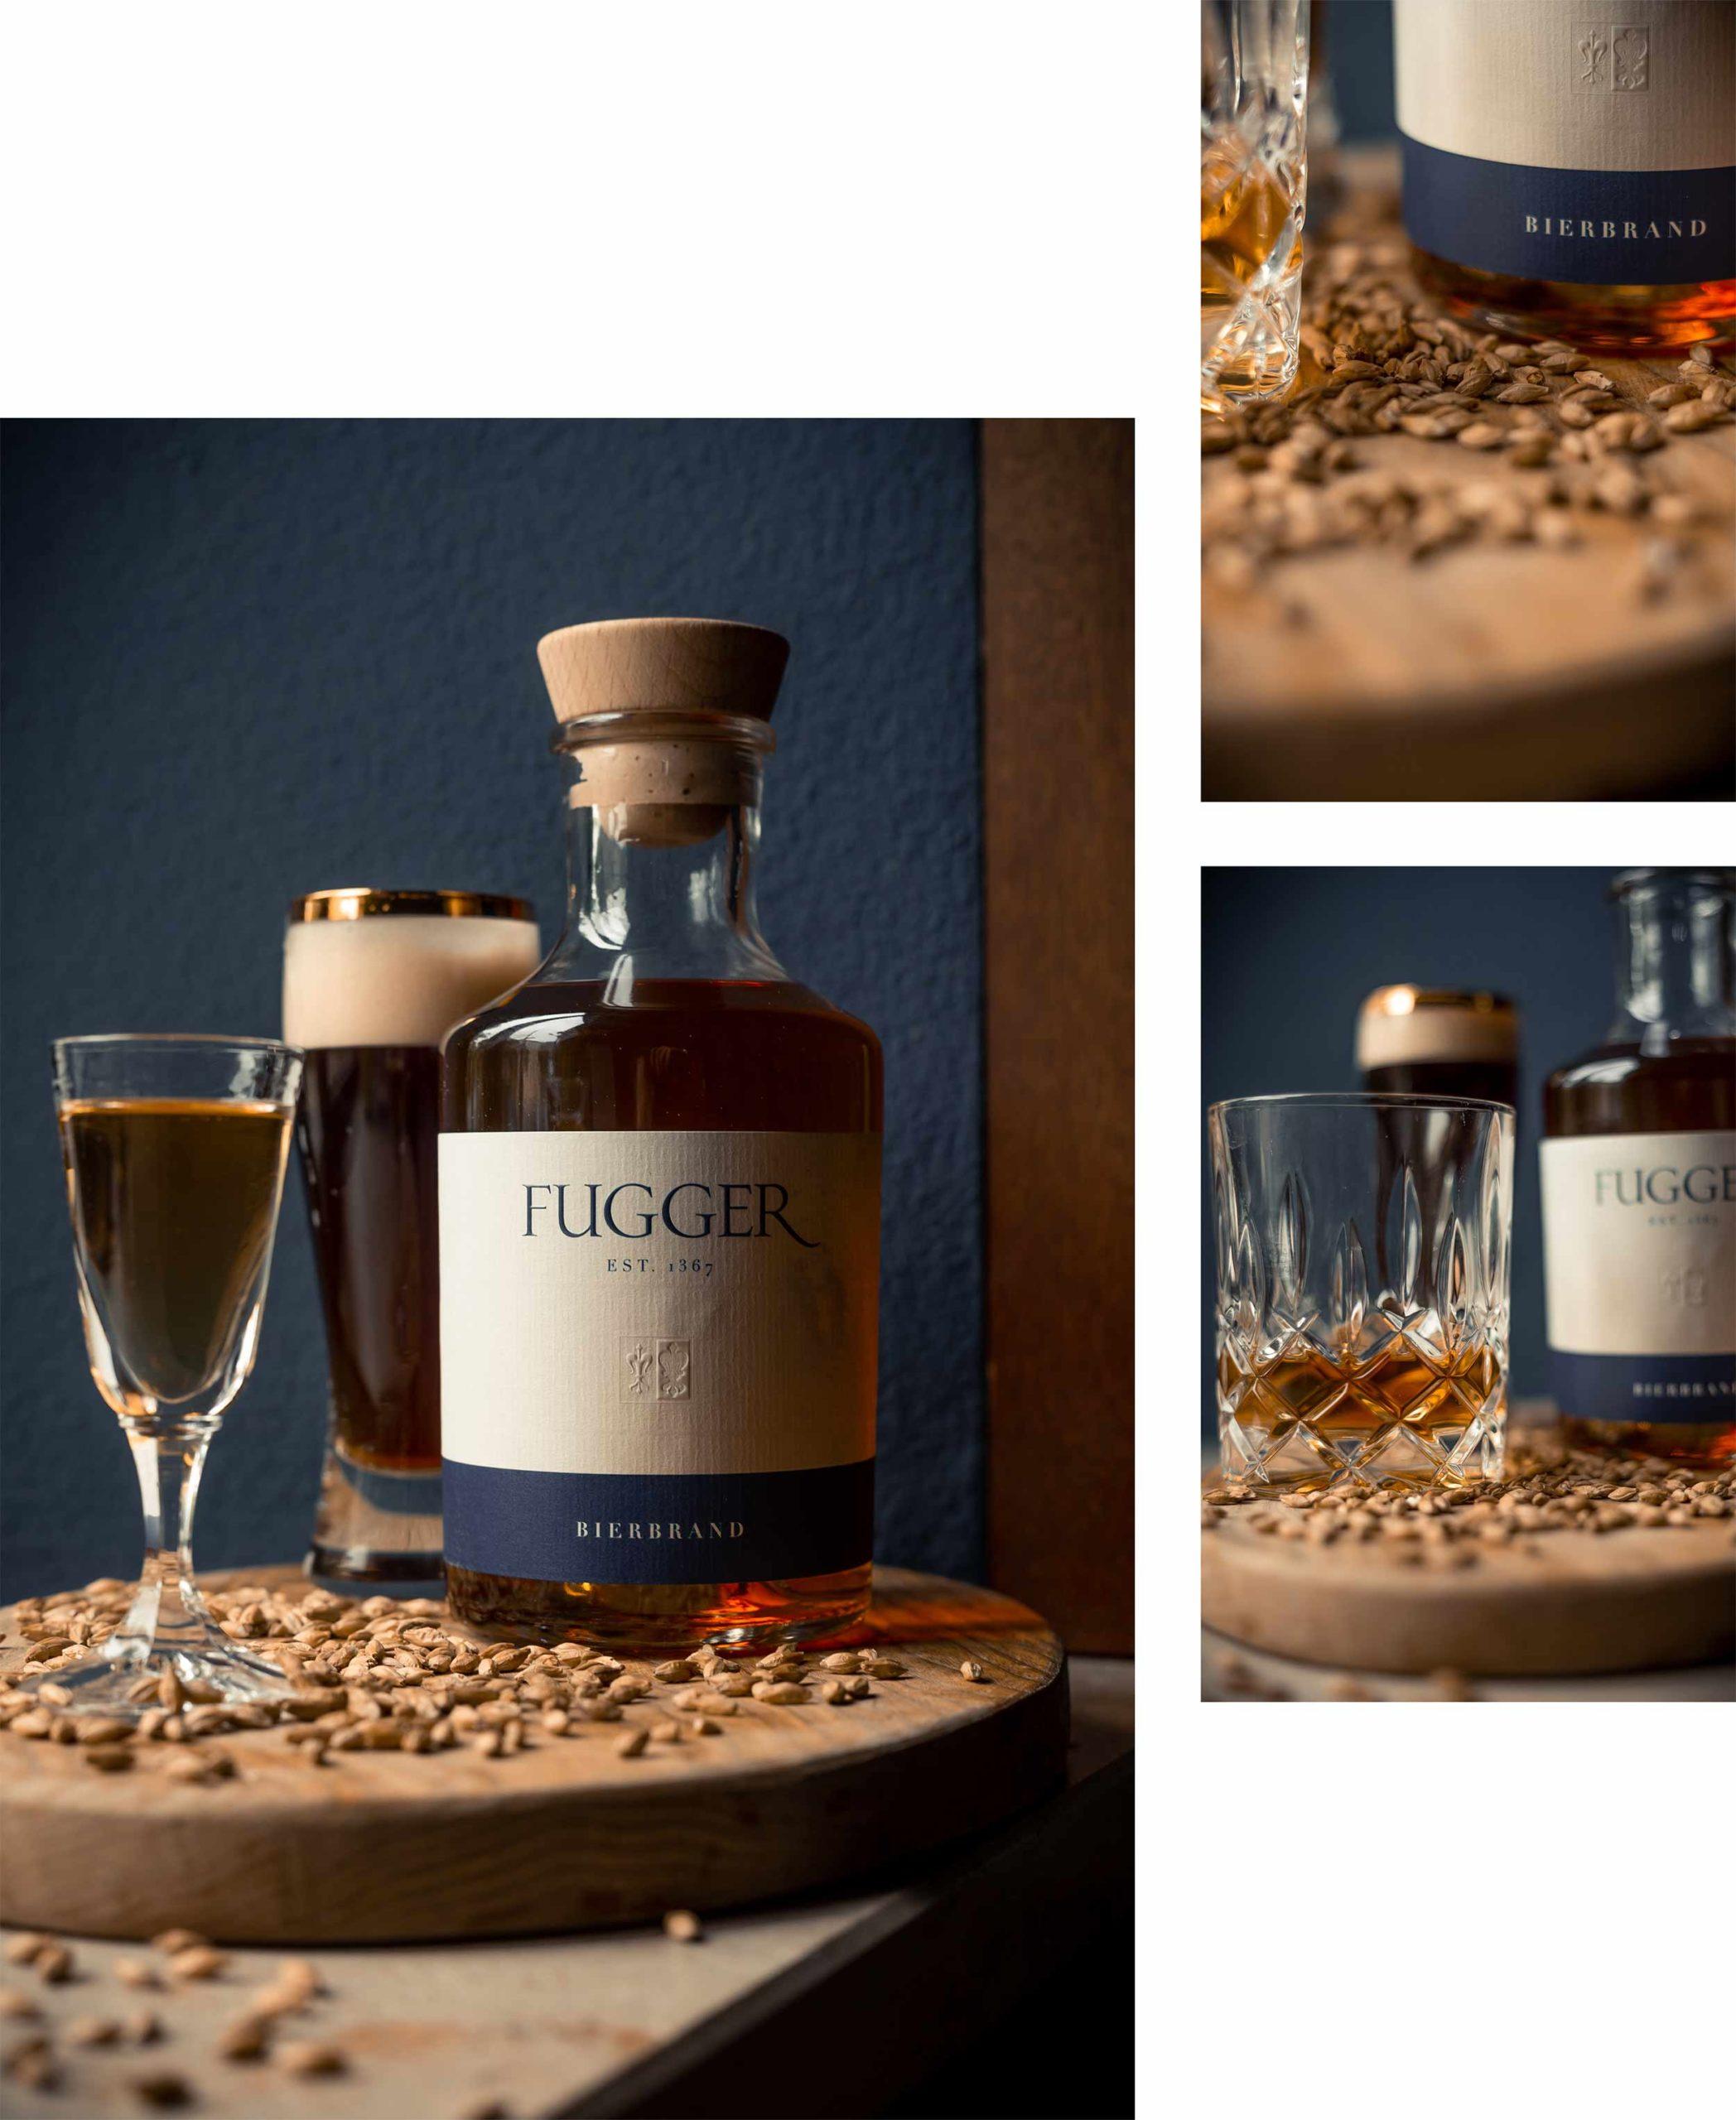 fugger destillate augsburg label design spirituosen blockundstift Bierbrand Produkte